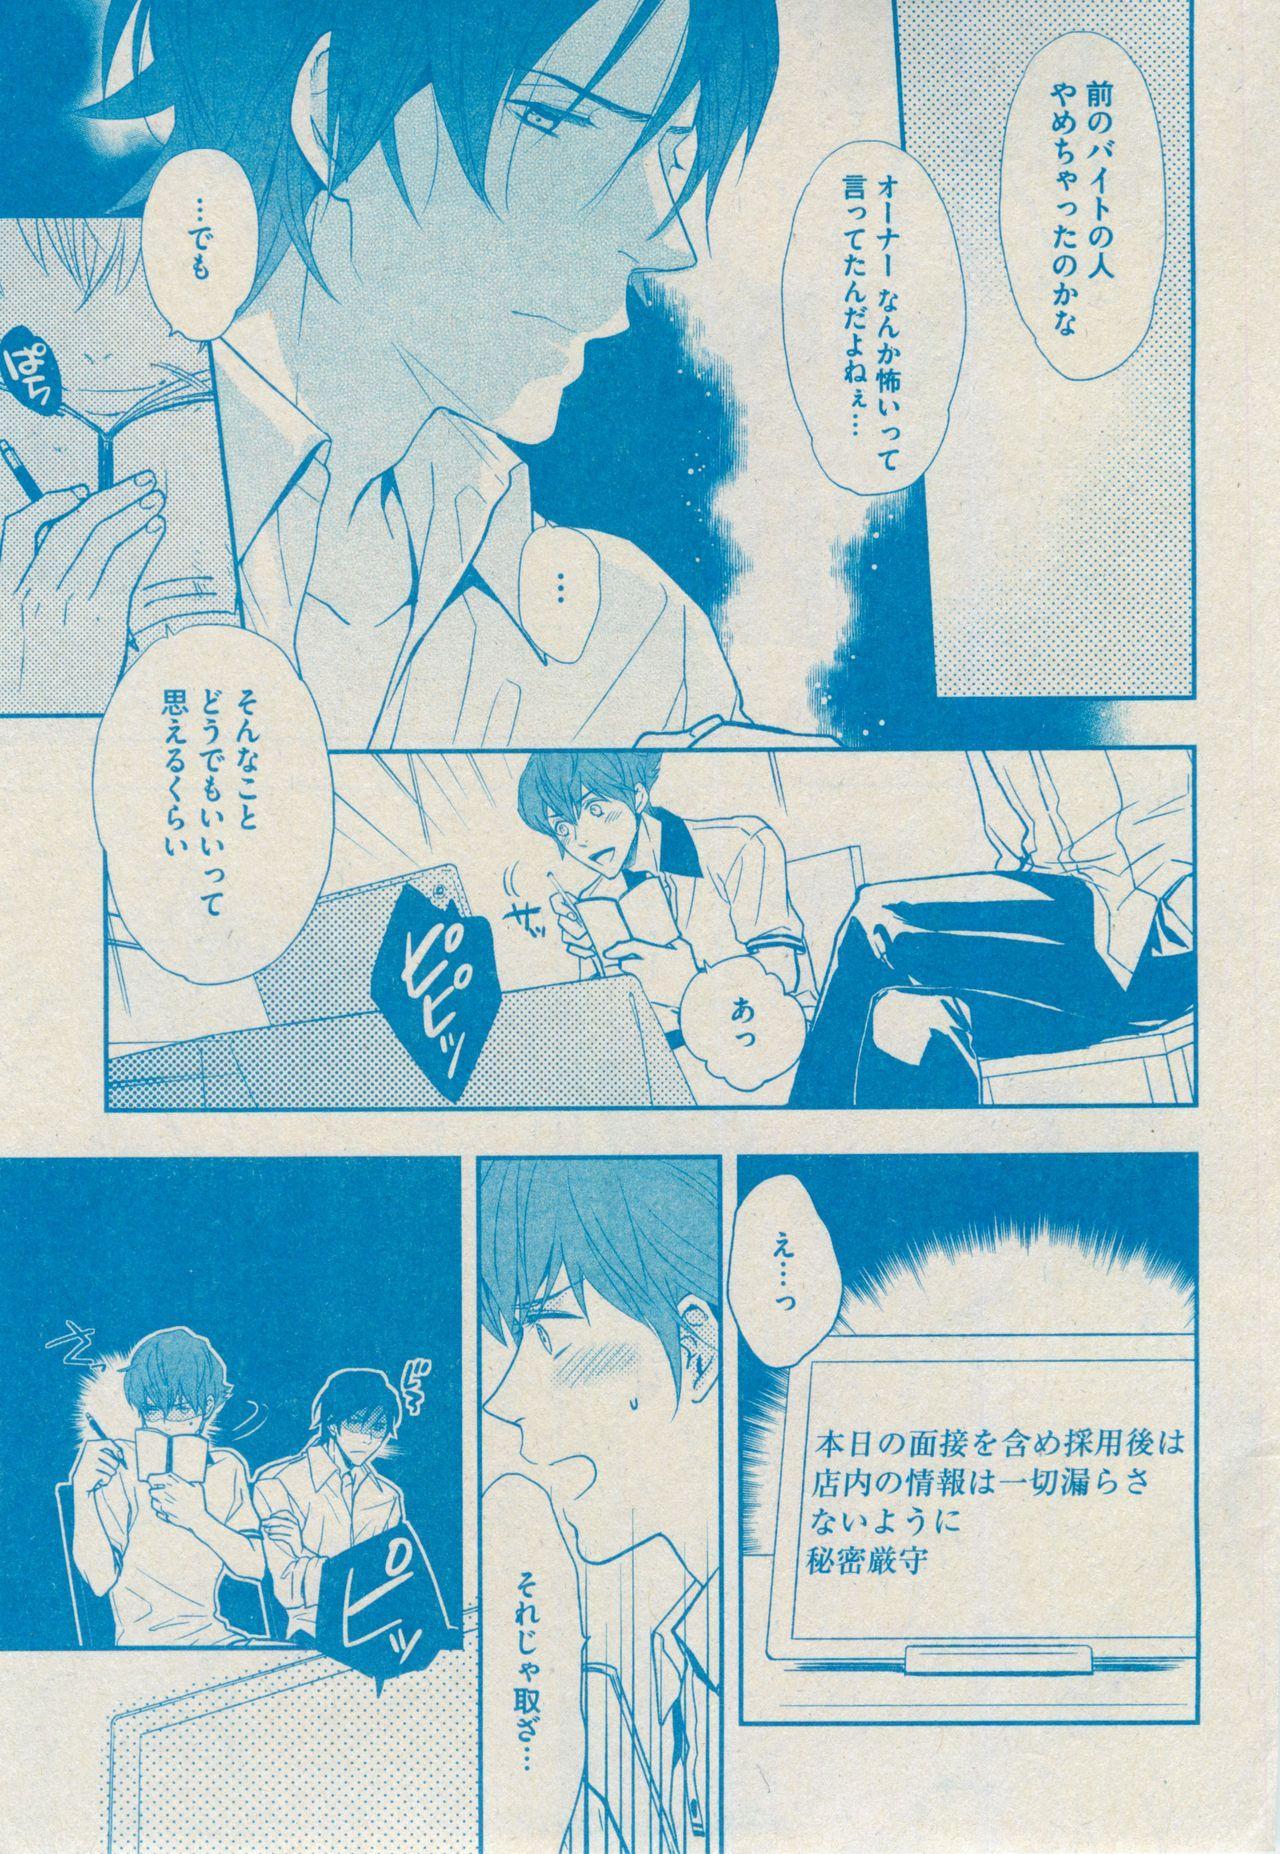 BOY'S ピアス 2014-09 142